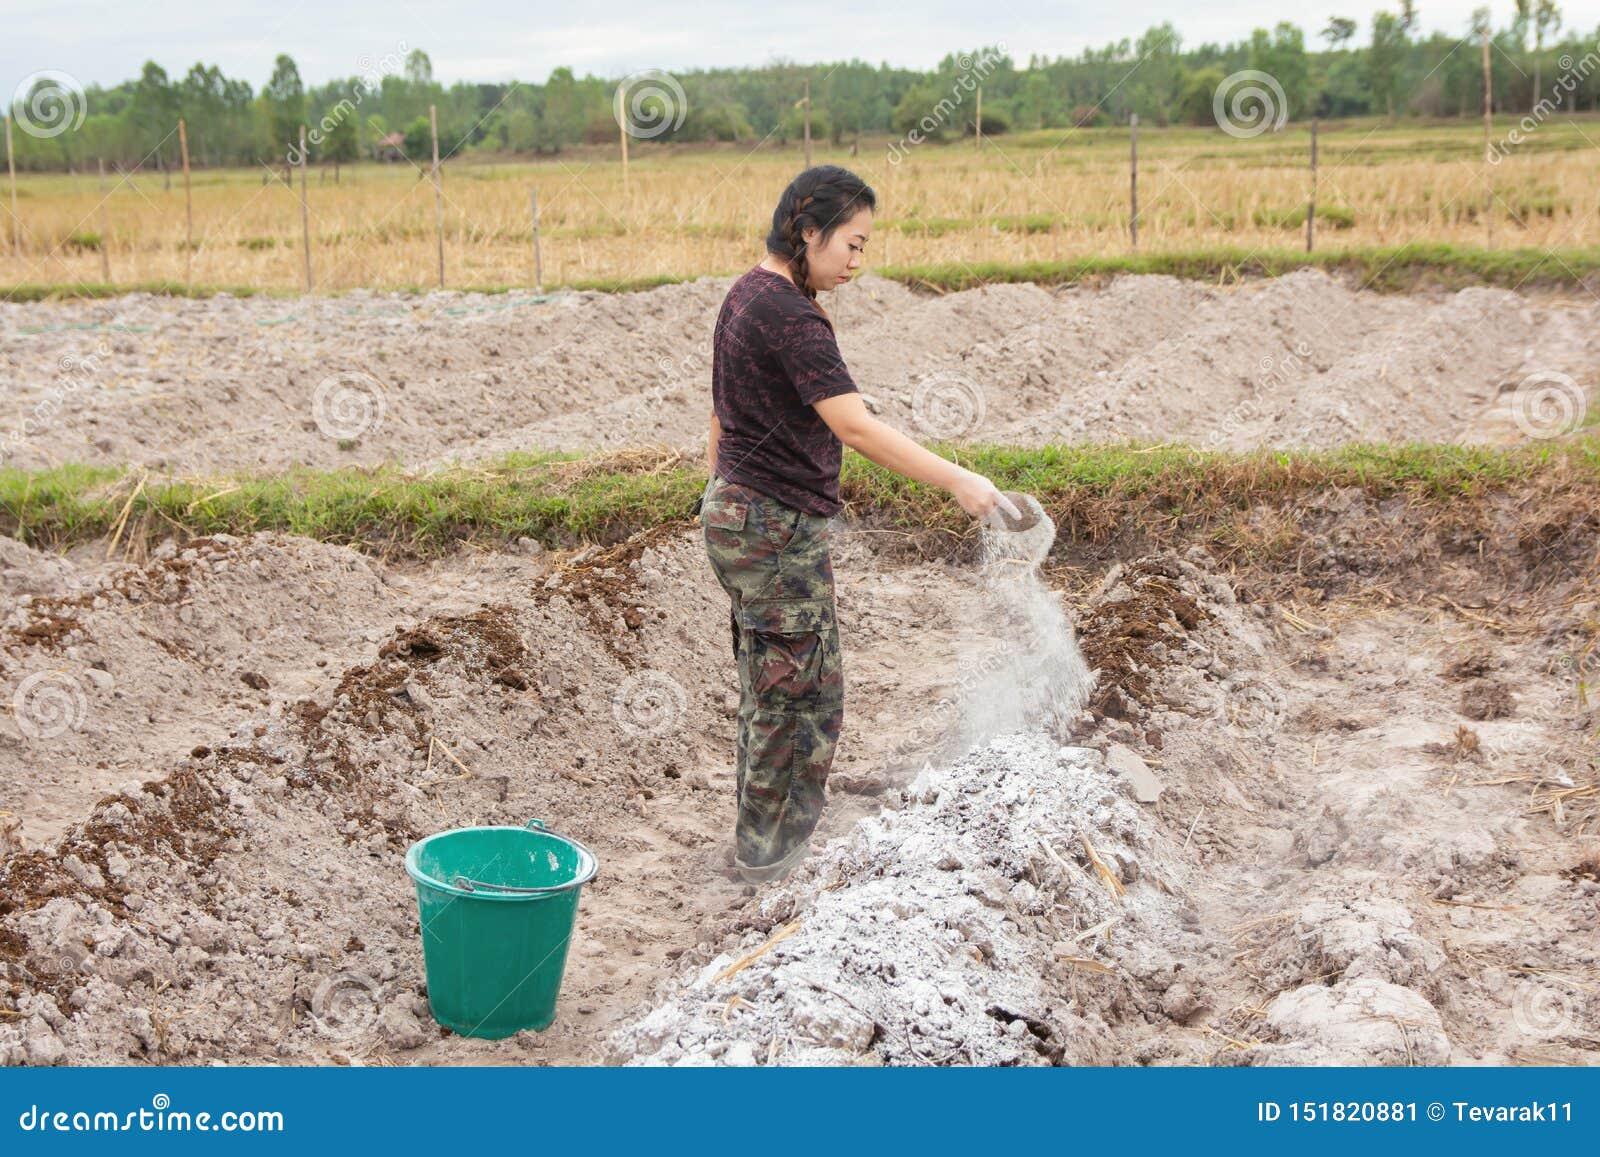 Los jardineros de la mujer pusieron el hidróxido de la cal o de calcio en el suelo para neutralizar la acidez del suelo